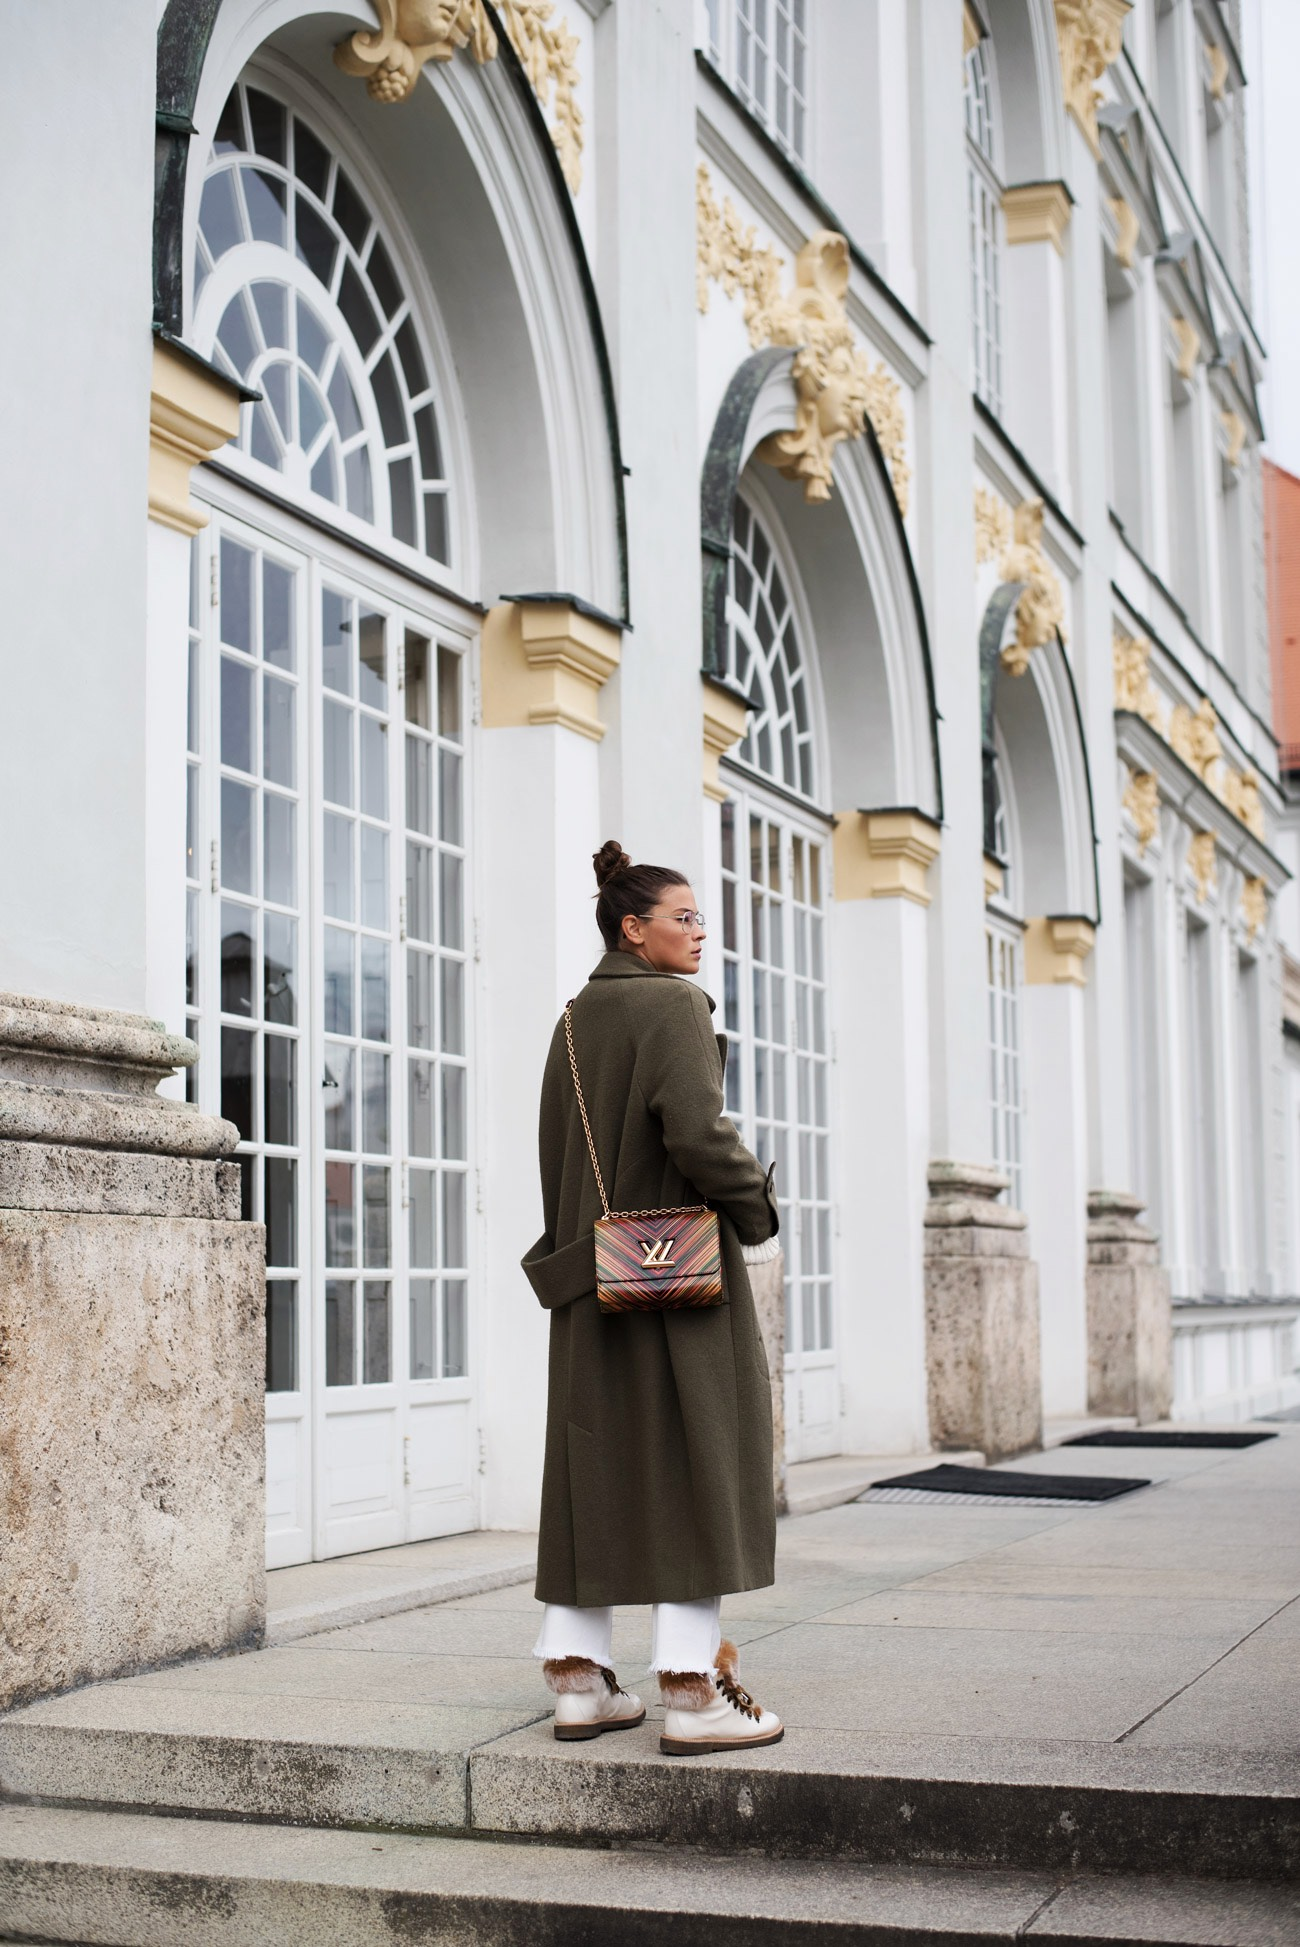 die-top-10-deutschen-fashion-und-lifestyle-blogs-deutschlands-muenchen-nina-schwichtenberg-fashiioncarpet